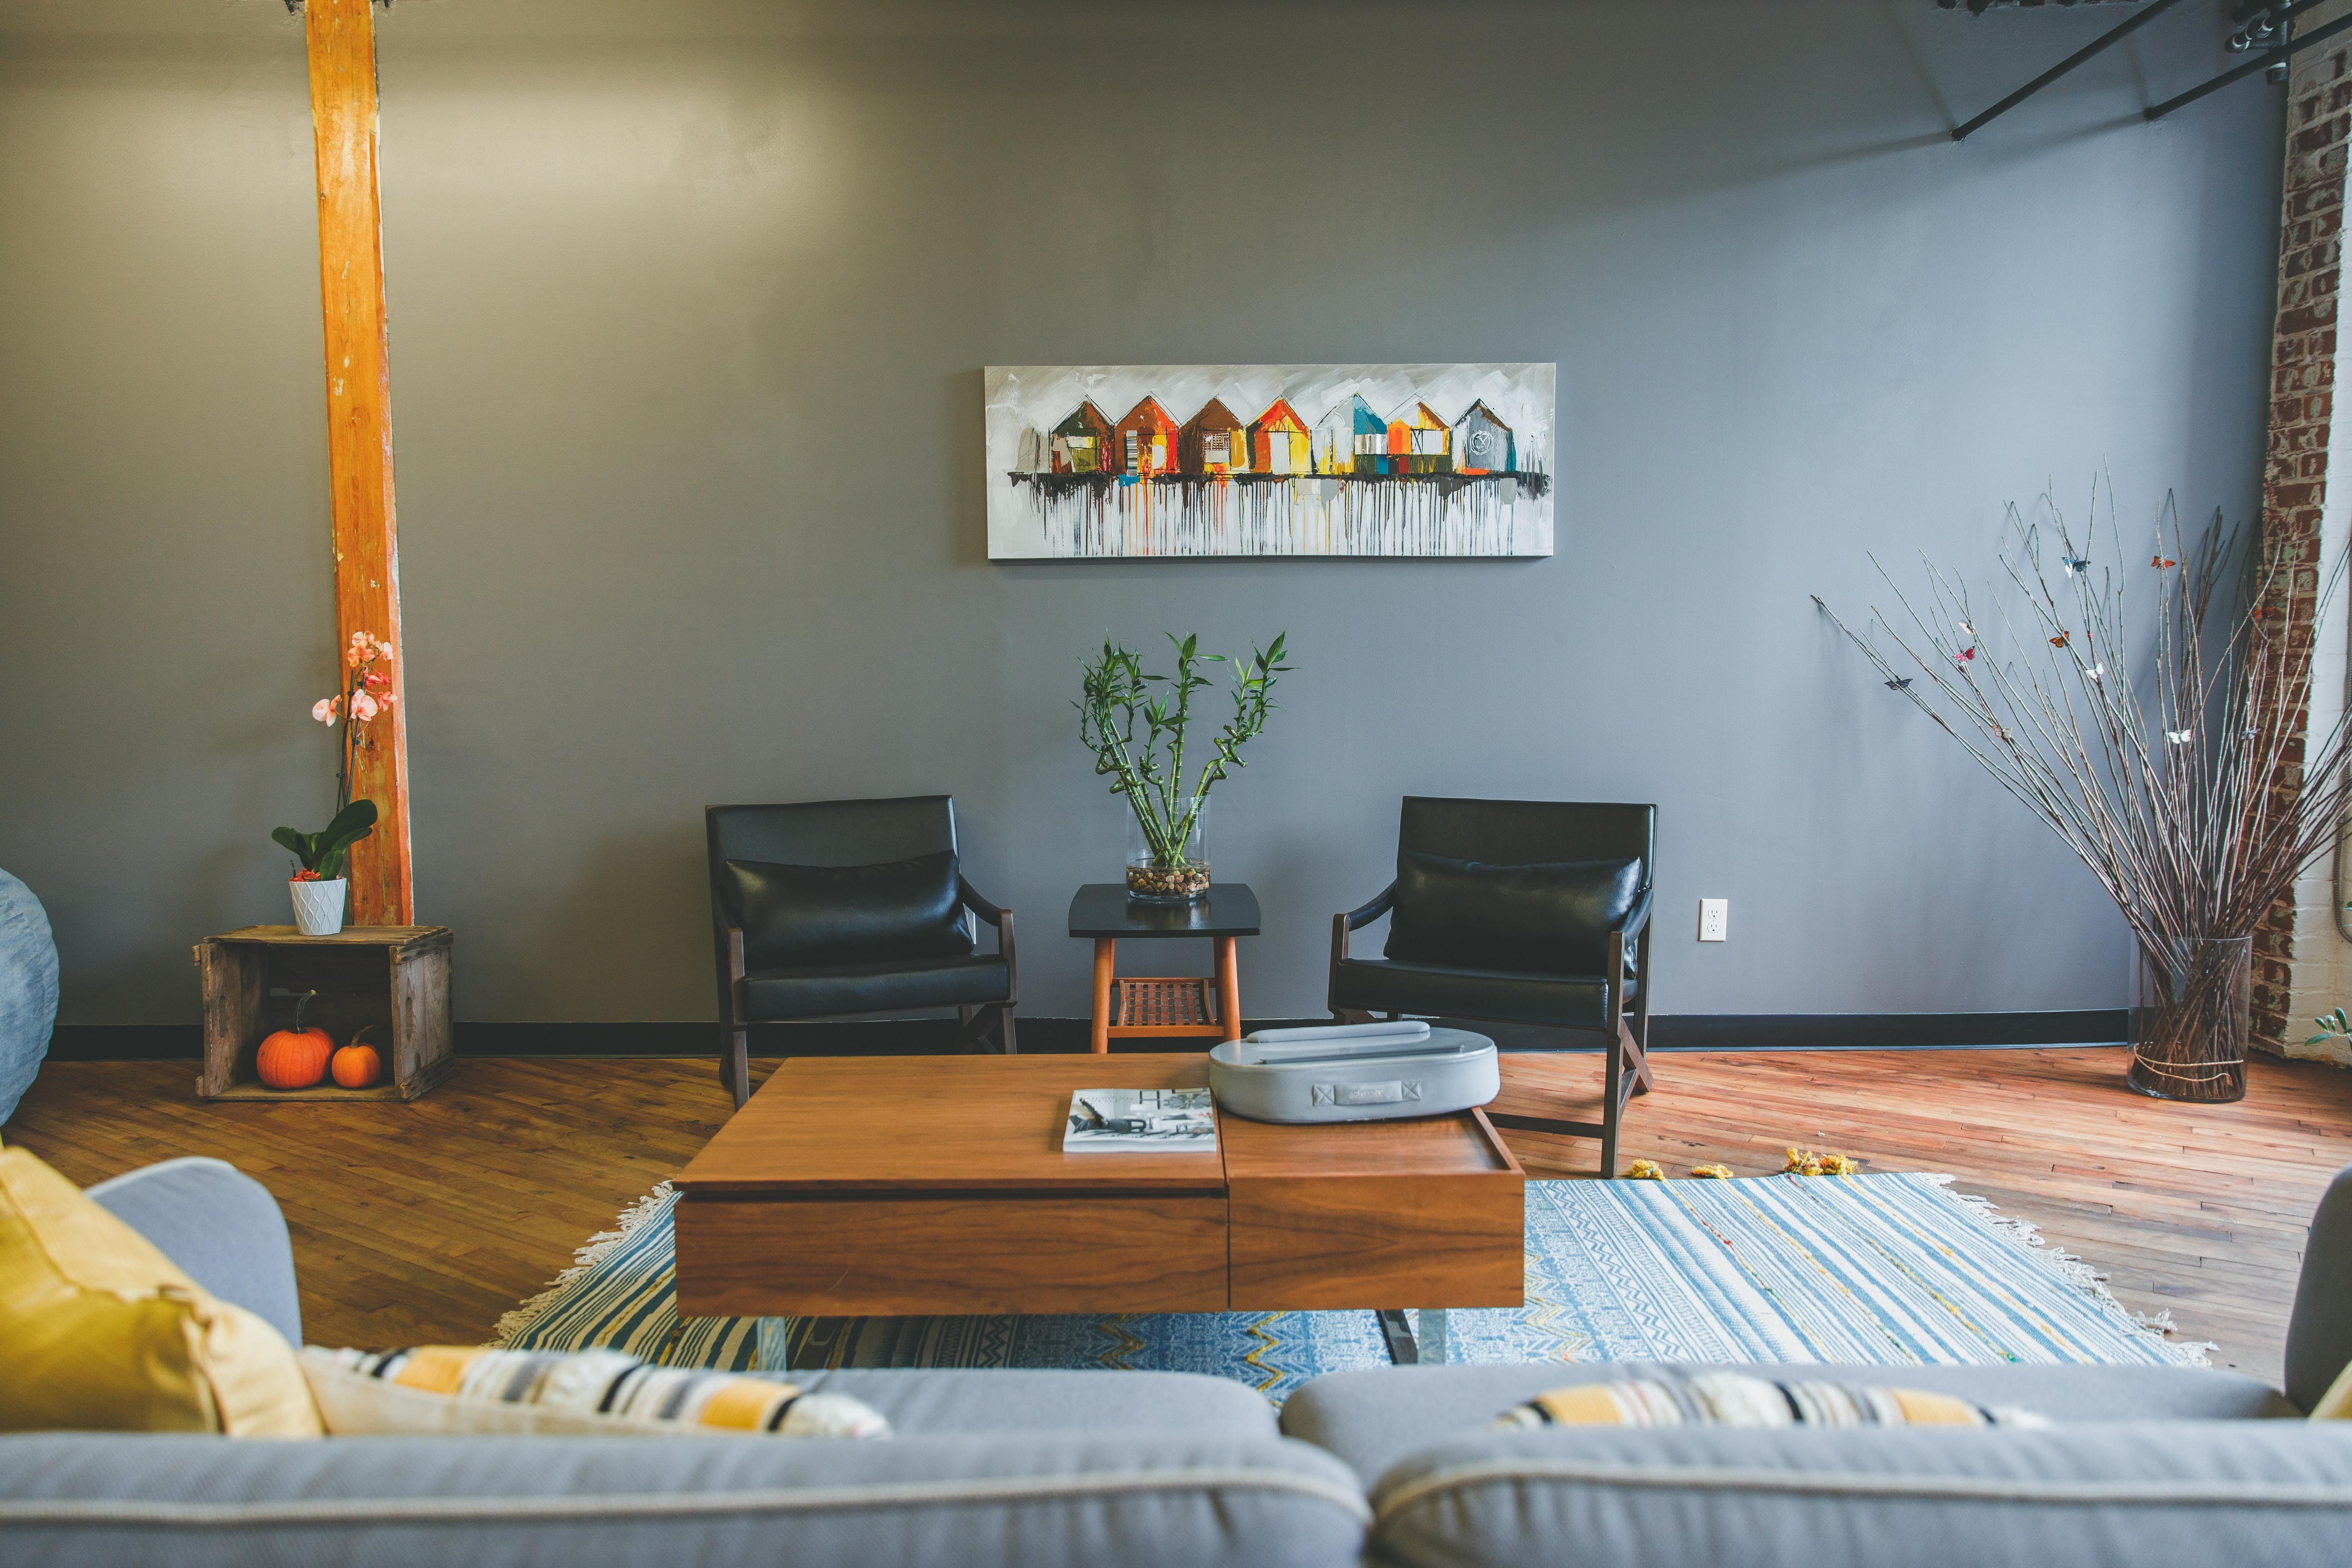 Feng Shui Im Wohnzimmer So Schafft Ihr Euch In 4 Schritten von Wohnzimmer Einrichten Nach Feng Shui Bild